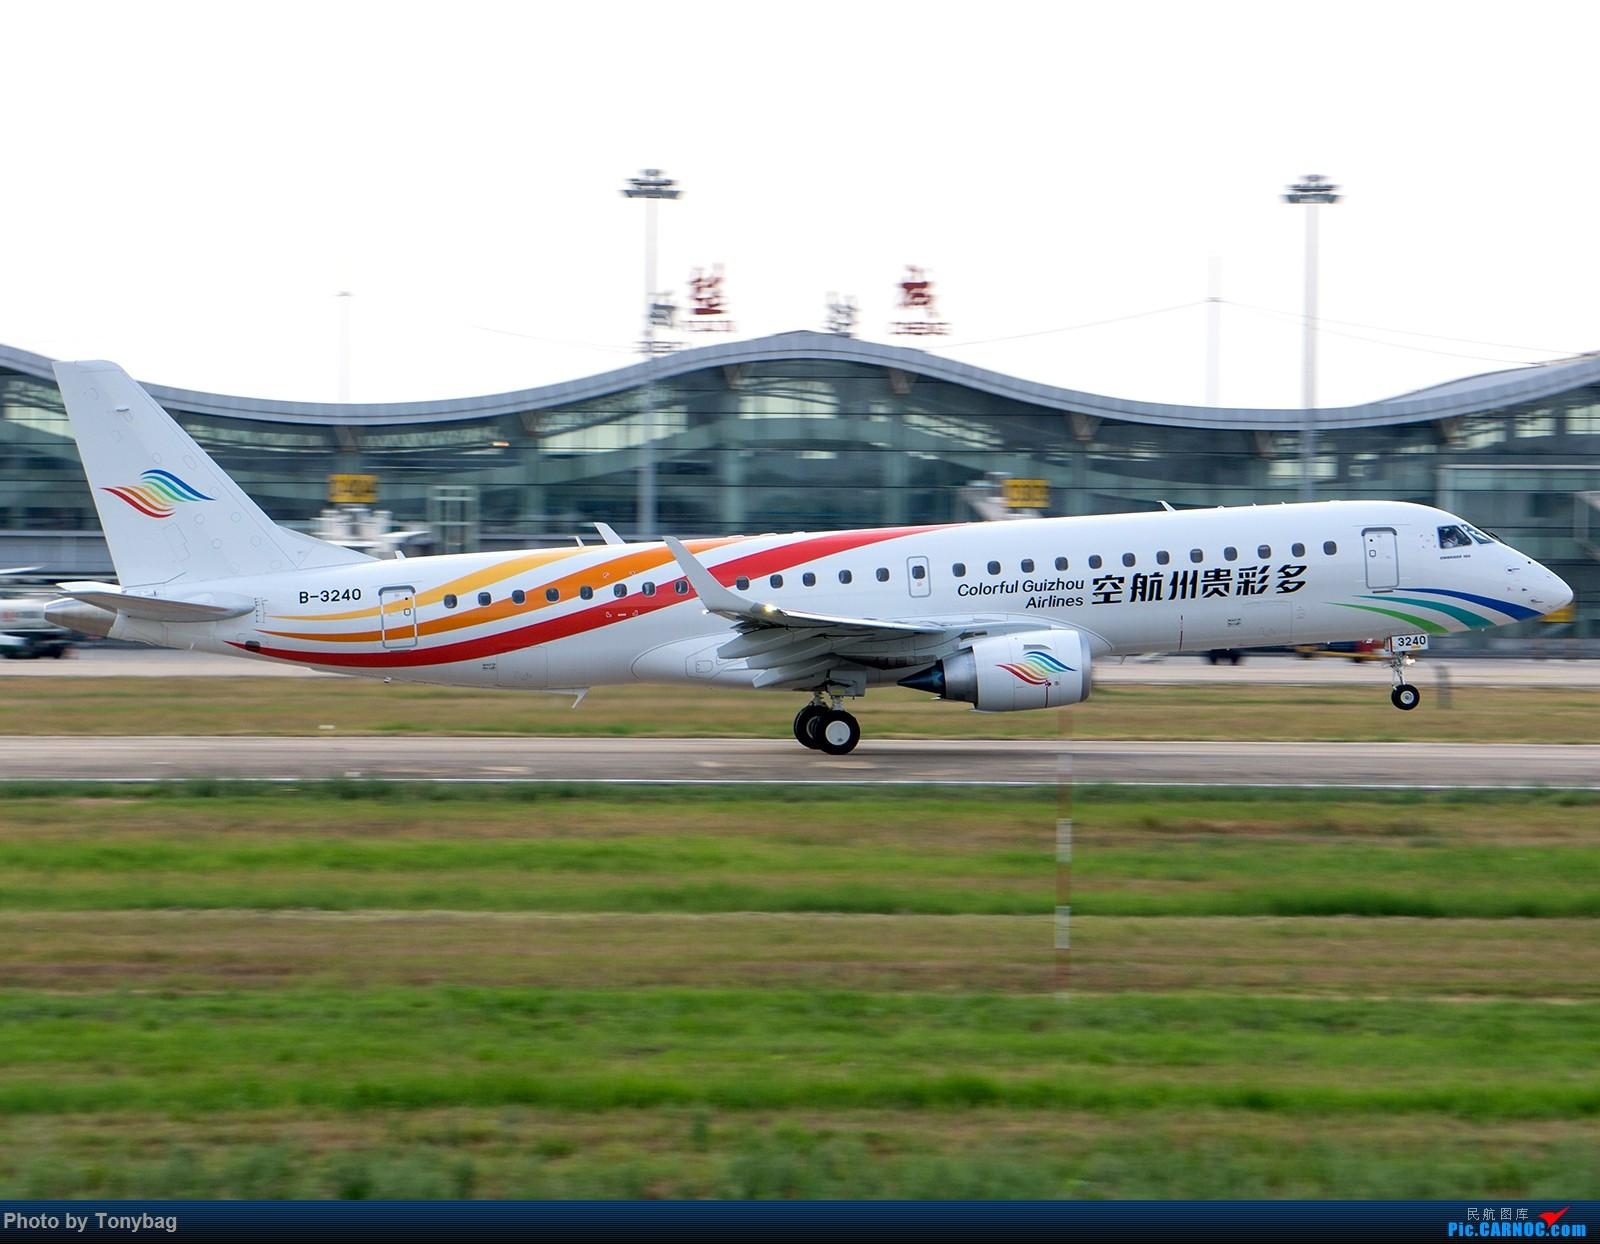 [原创]【YNZ】多彩贵州航空 ERJ-190LR B-3240 EMBRAER E-190 B-3240 中国盐城南洋机场